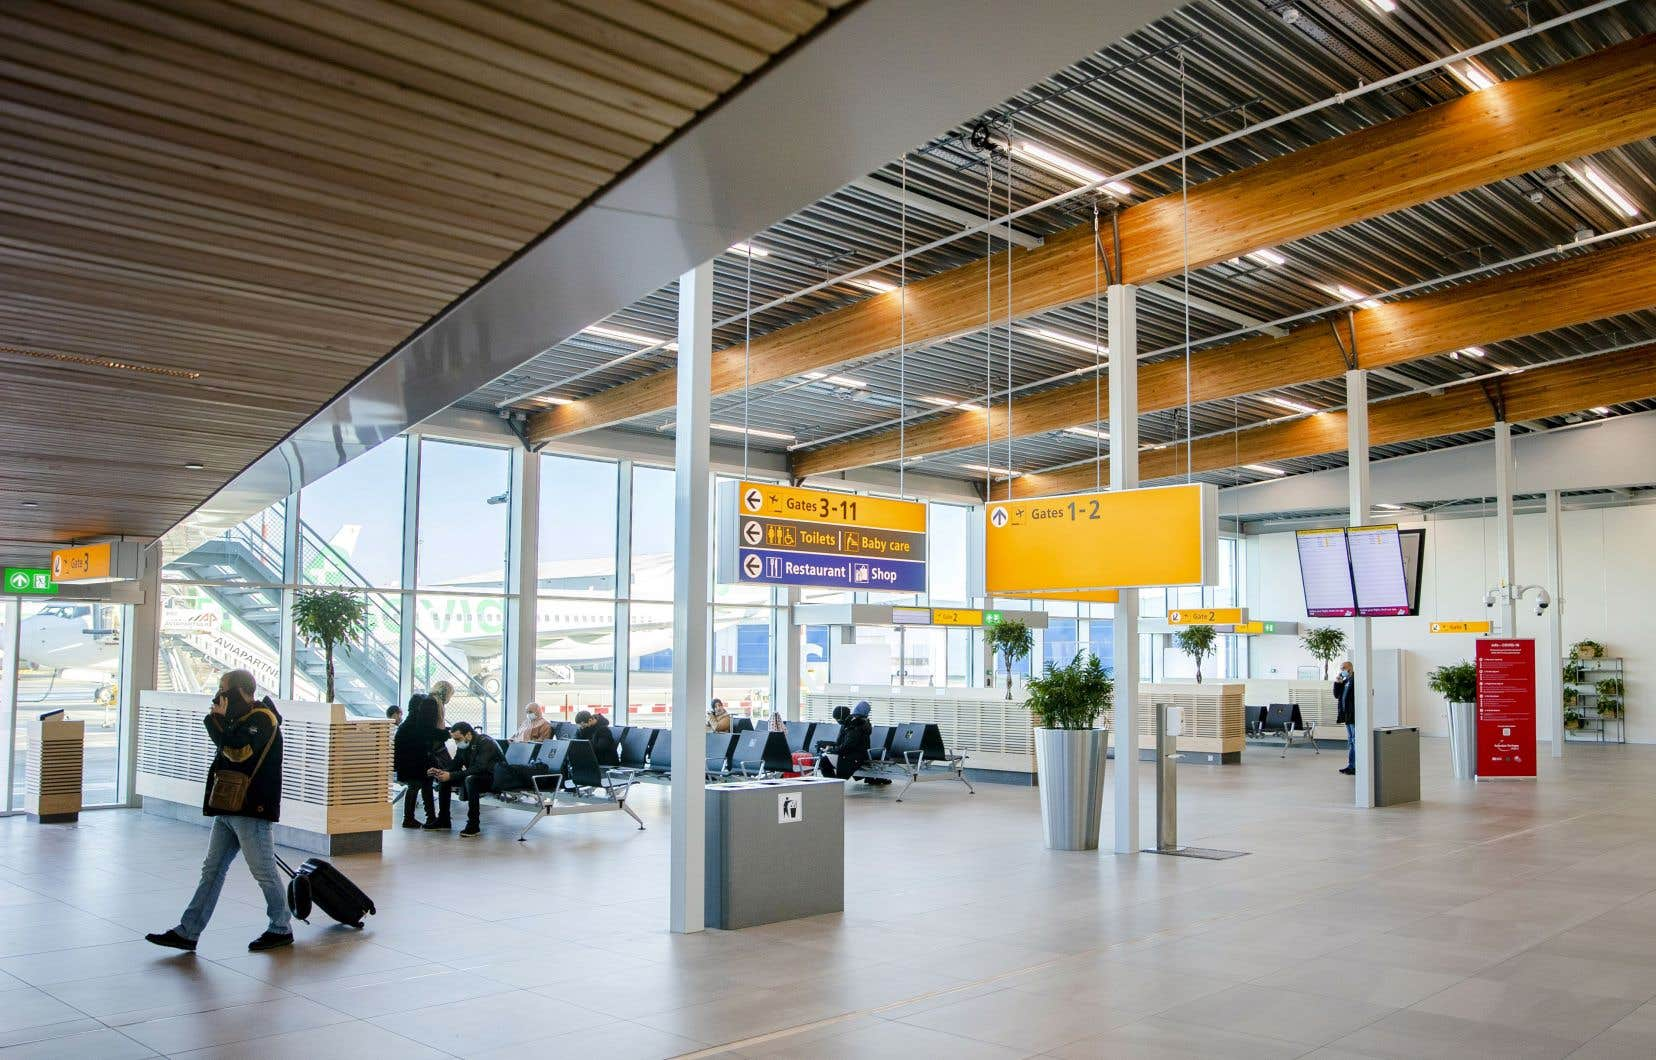 Les Pays-Bas s'imposent actuellement un confinement de cinq semaines jusqu'à la mi-janvier, les écoles et les commerces non essentiels étant fermés, afin de freiner un rebond du virus.